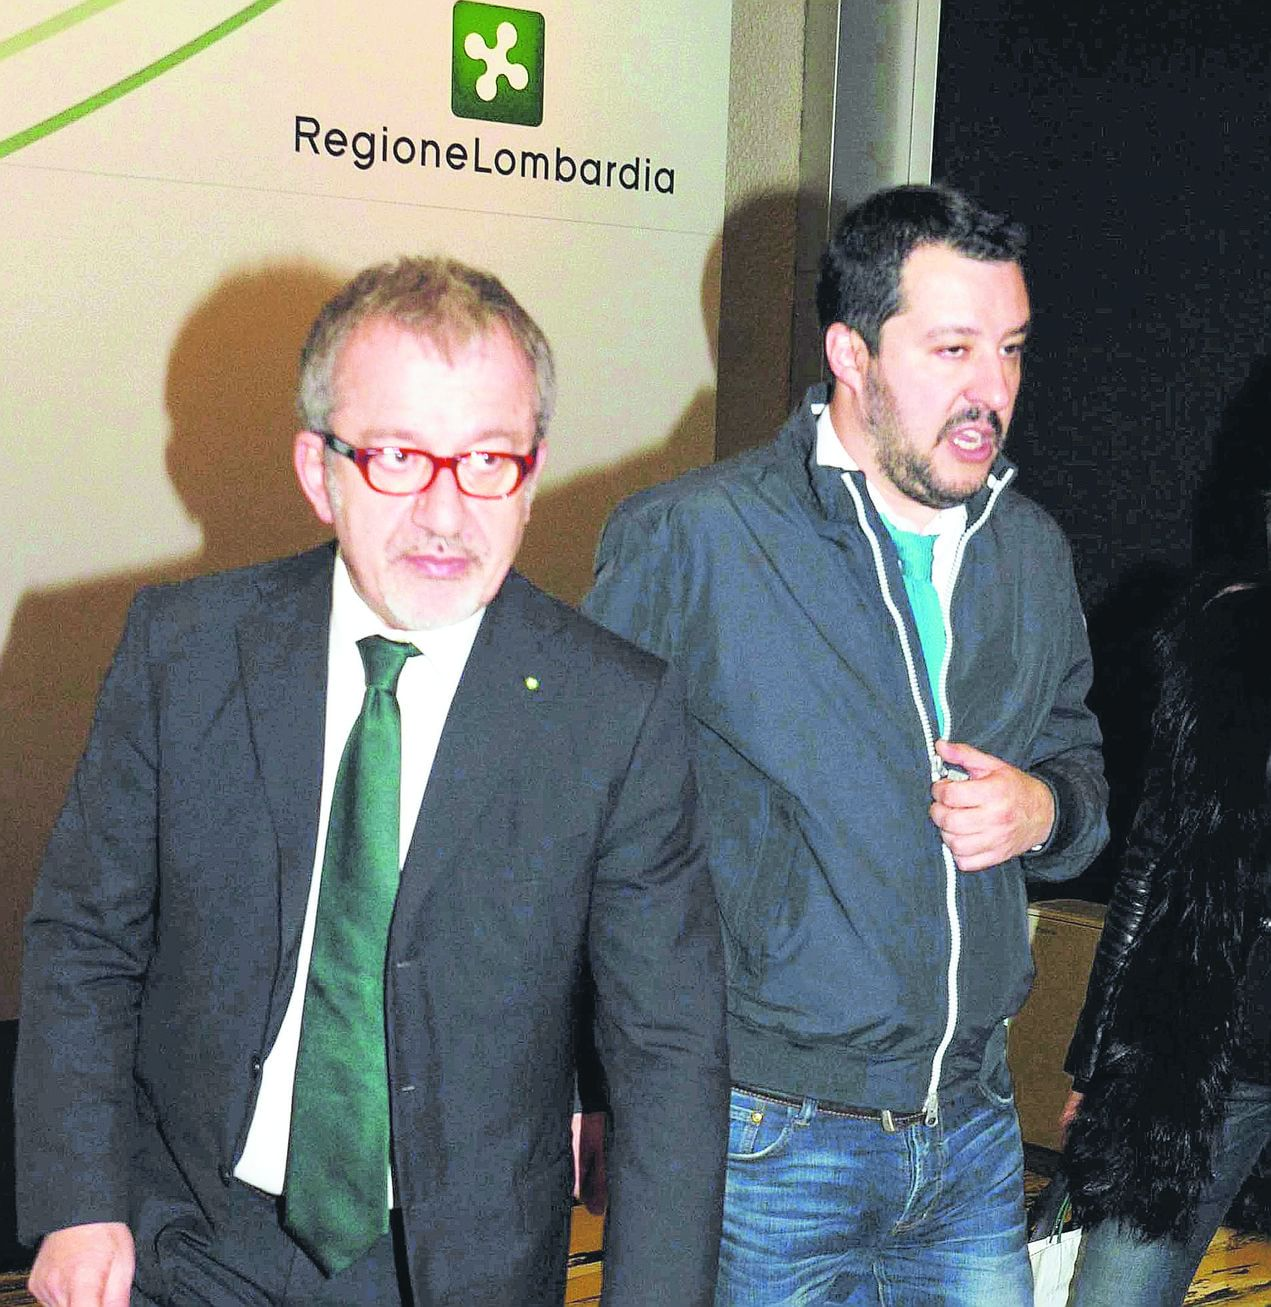 Milano, alta tensione in casa Lega sulla rottura con Ncd. Maroni: decide il partito